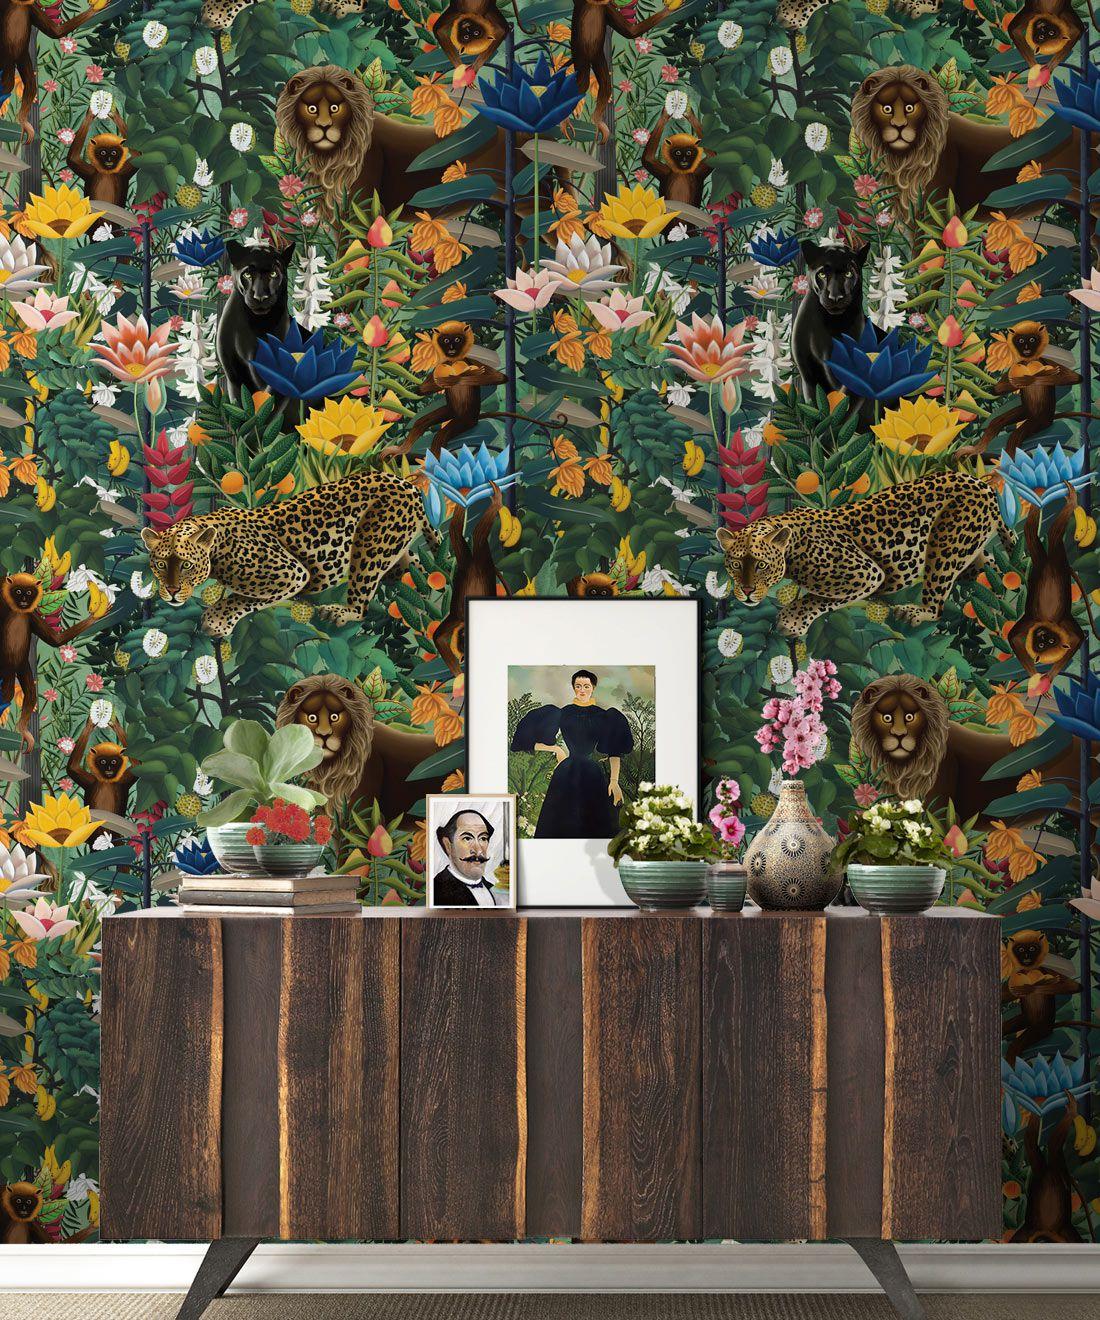 The Jungle Wallpaper • Animal Wallpaper • Botanical Wallpaper • Greenery Wallpaper • Insitu